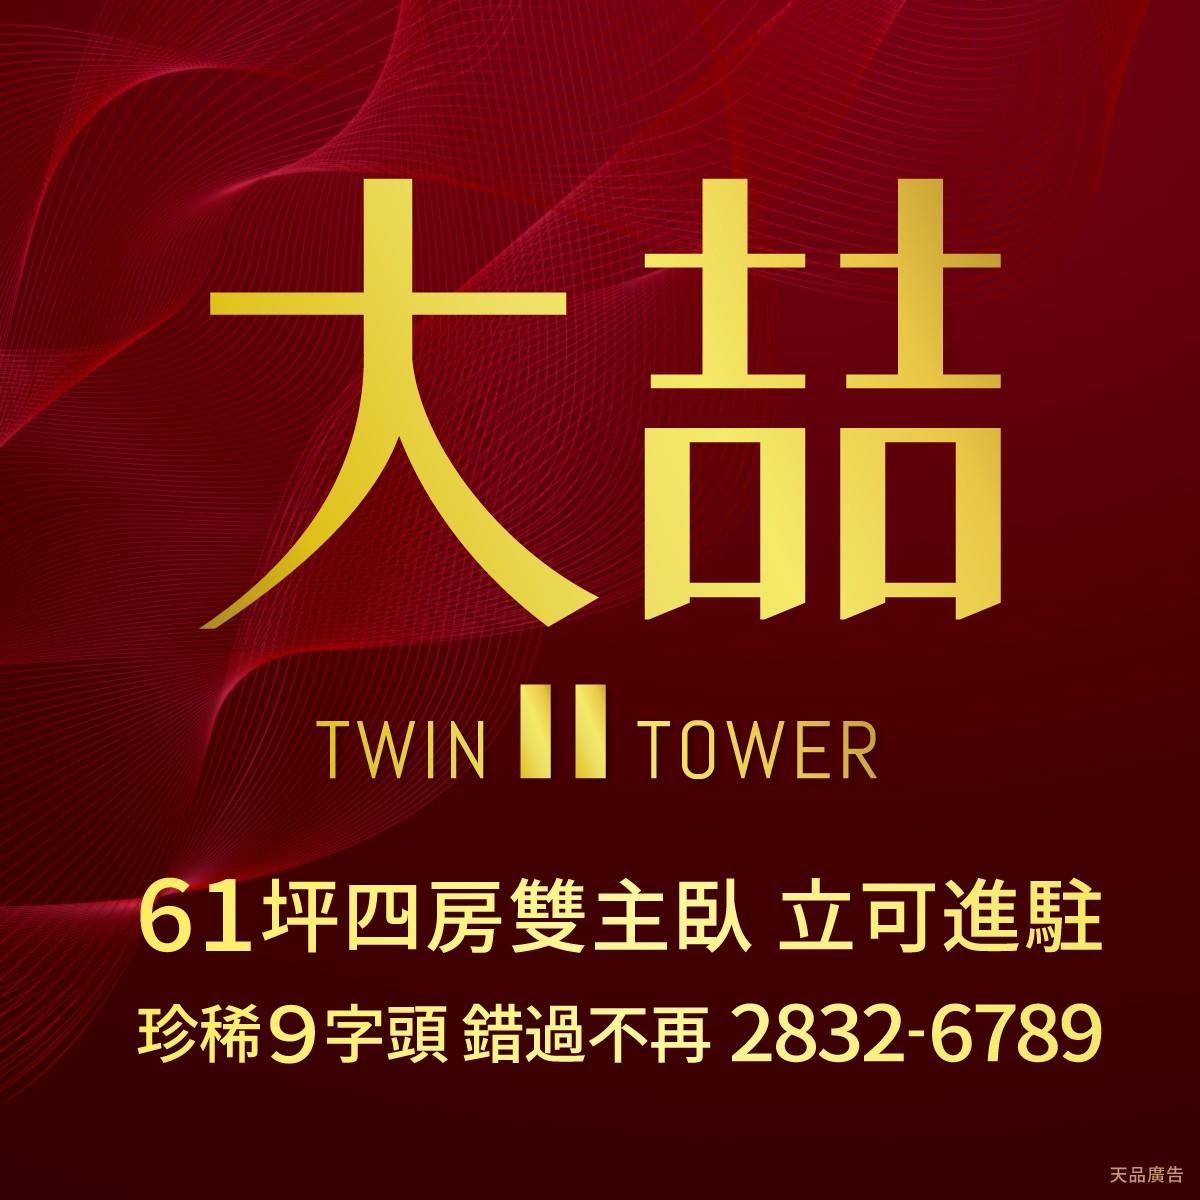 [中山]大喆,3分鐘捷運行天宮站,28%超低公設比